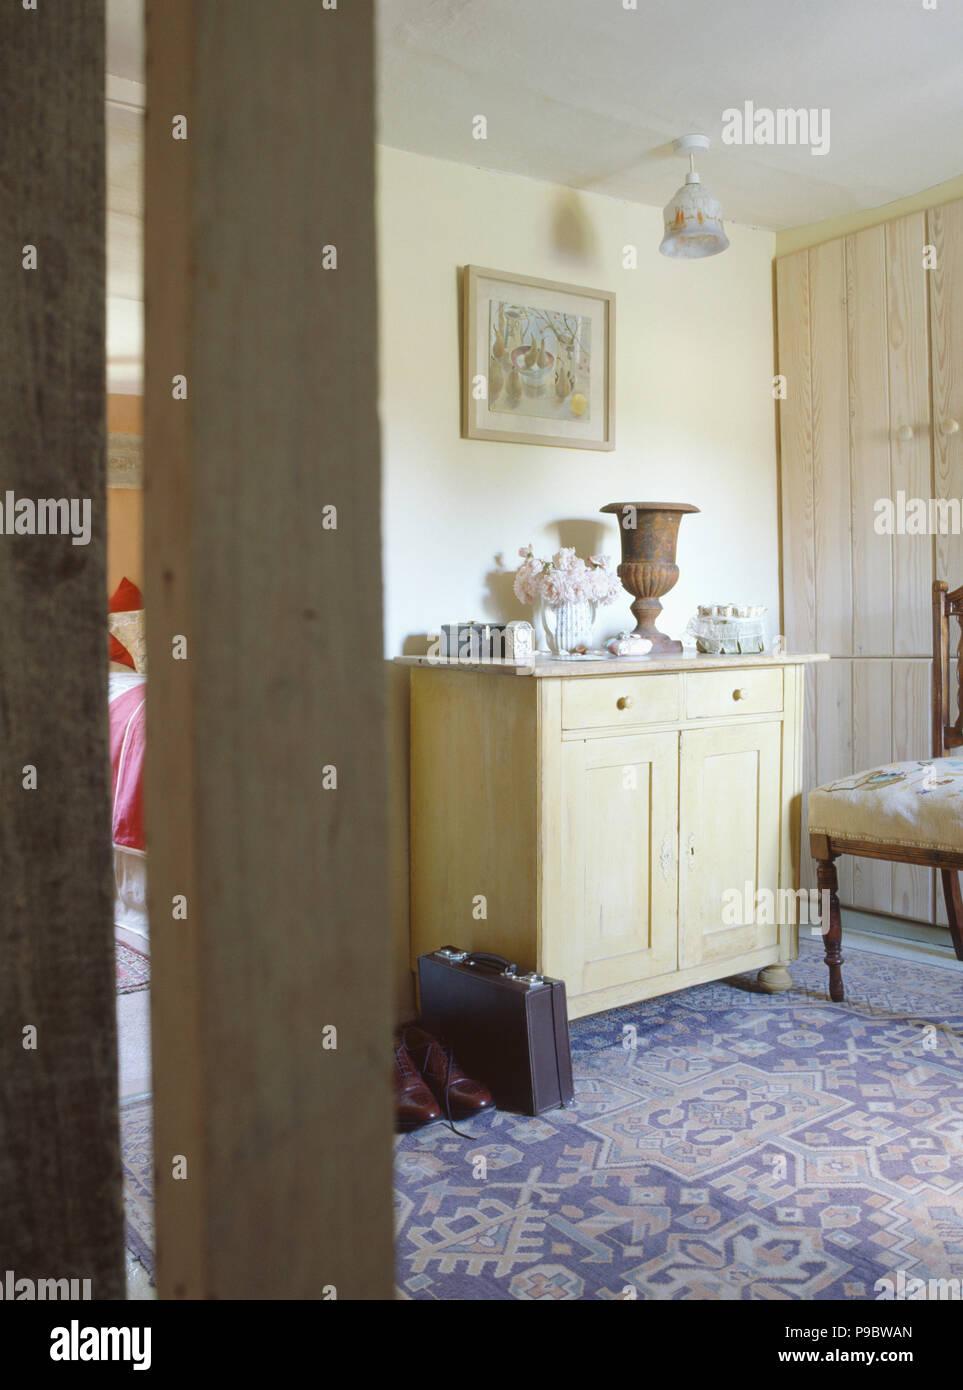 Tur Offen Zu Cottage Schlafzimmer Mit Kleine Holzkiste Und